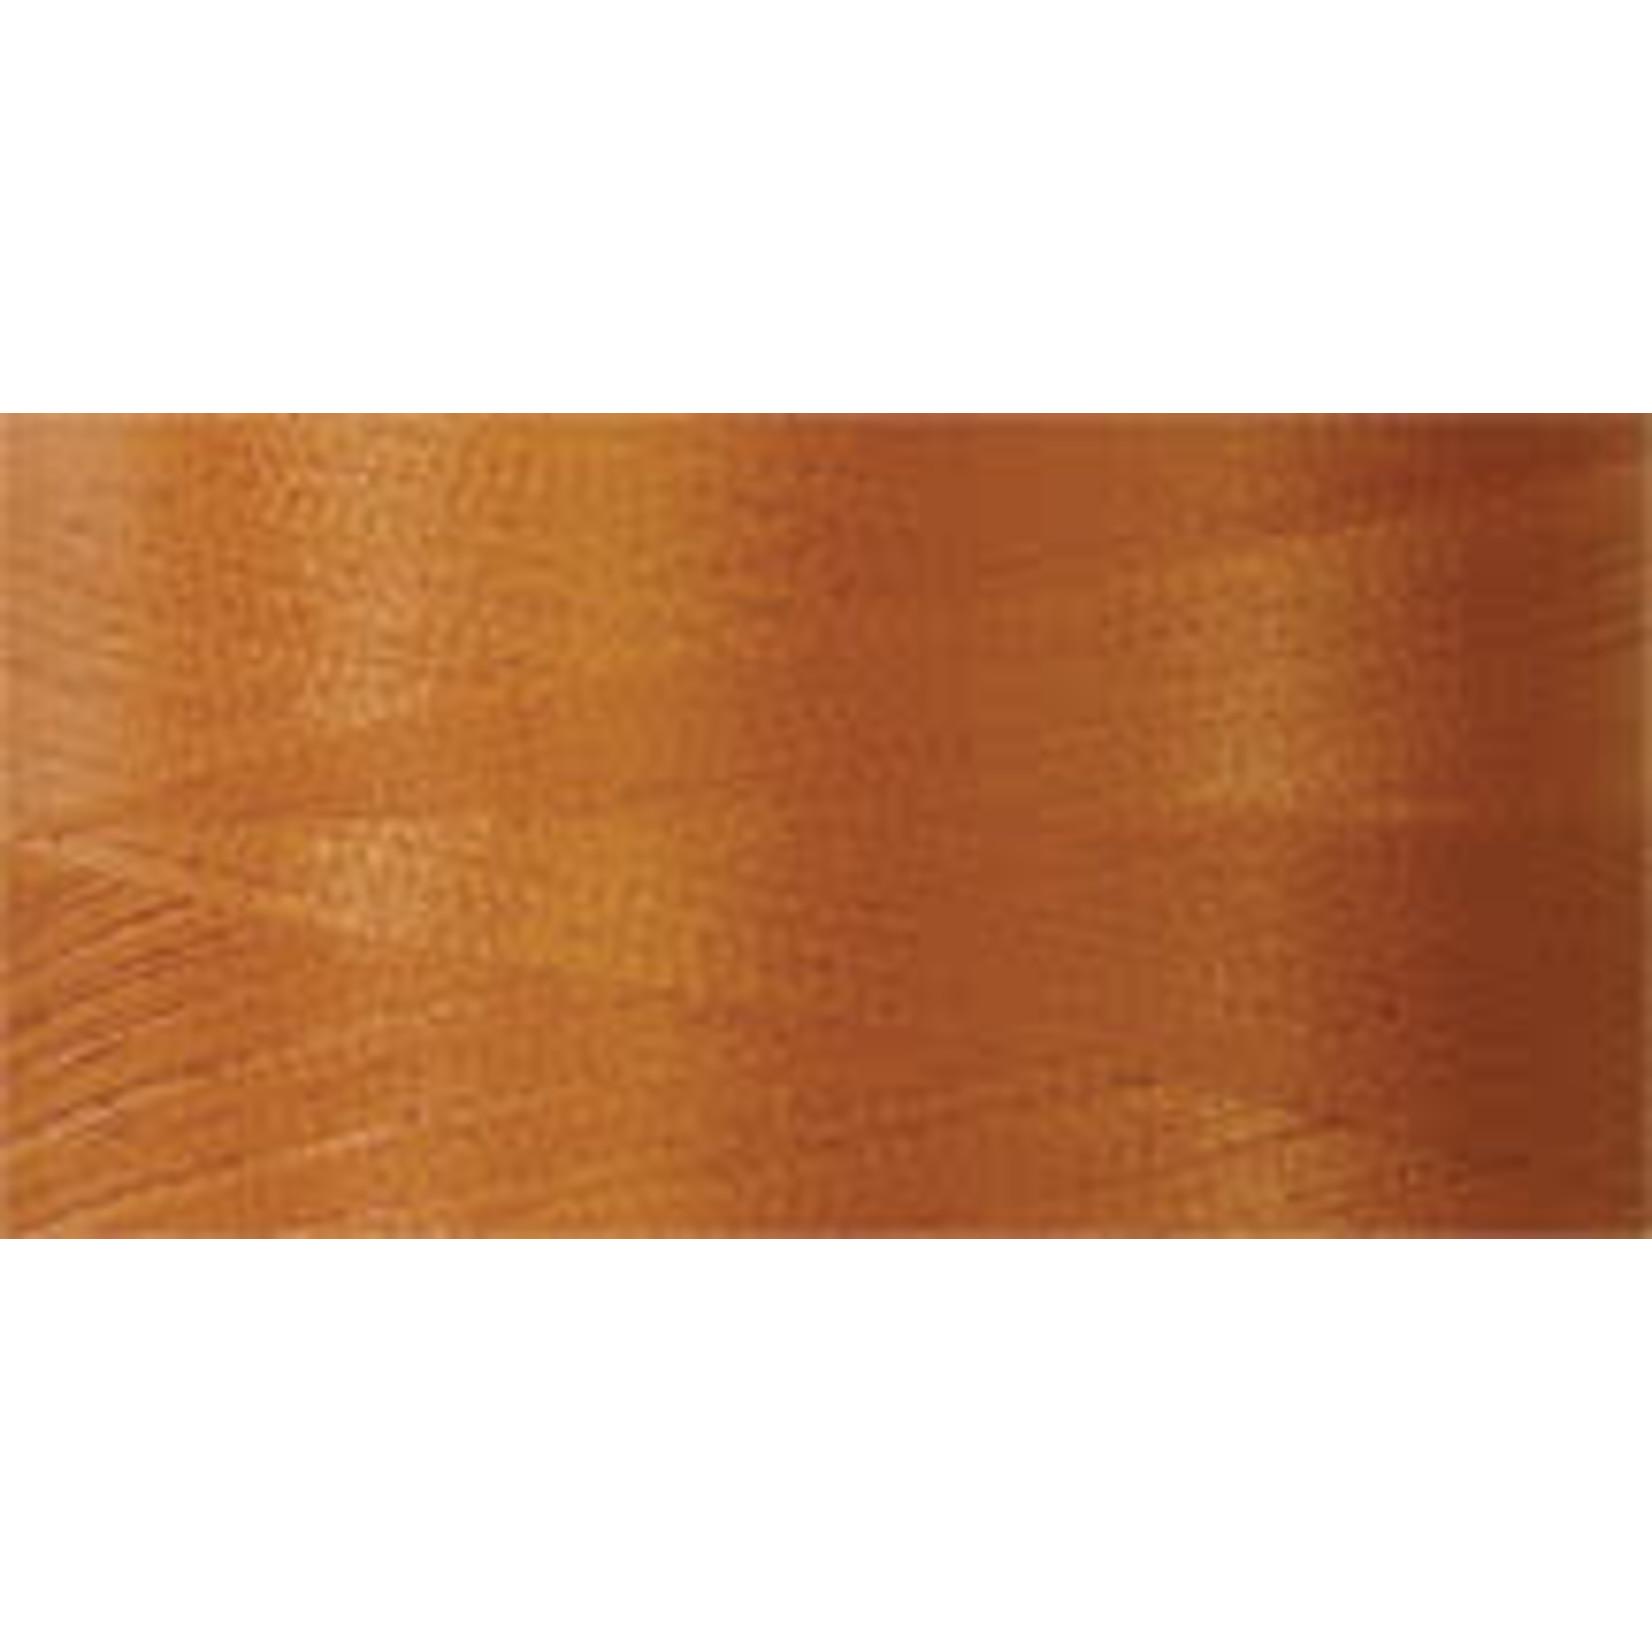 Superior Threads Bottom Line - #60 - 1300 m - 638 Tangerine